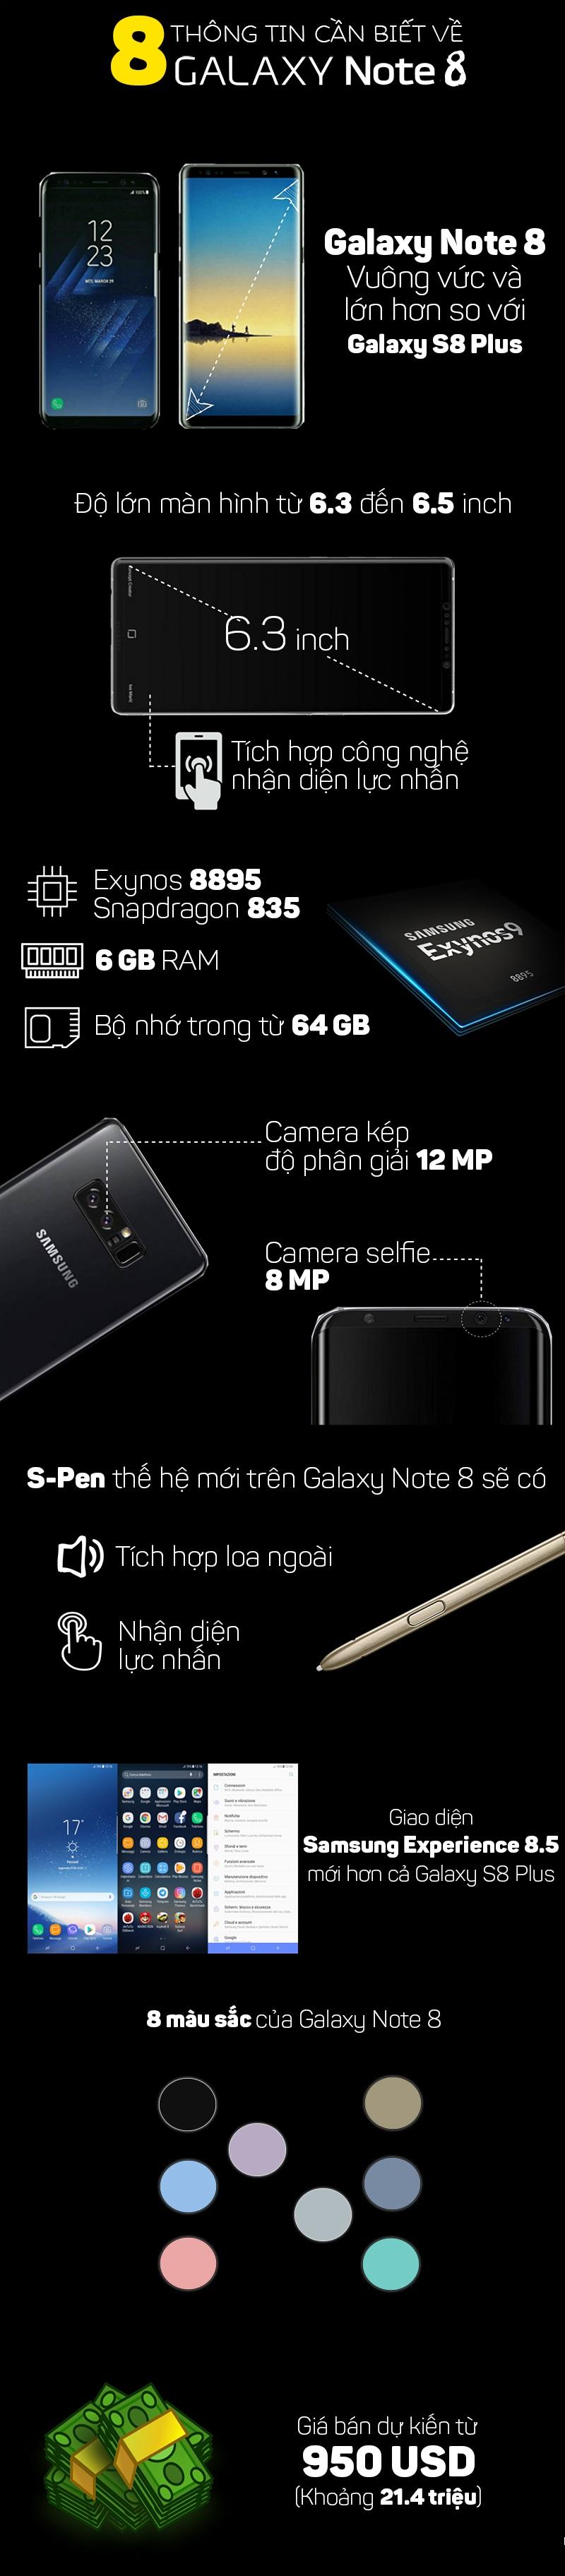 Những điều quan trọng cần biết về Galaxy Note 8 trước ngày ra mắt